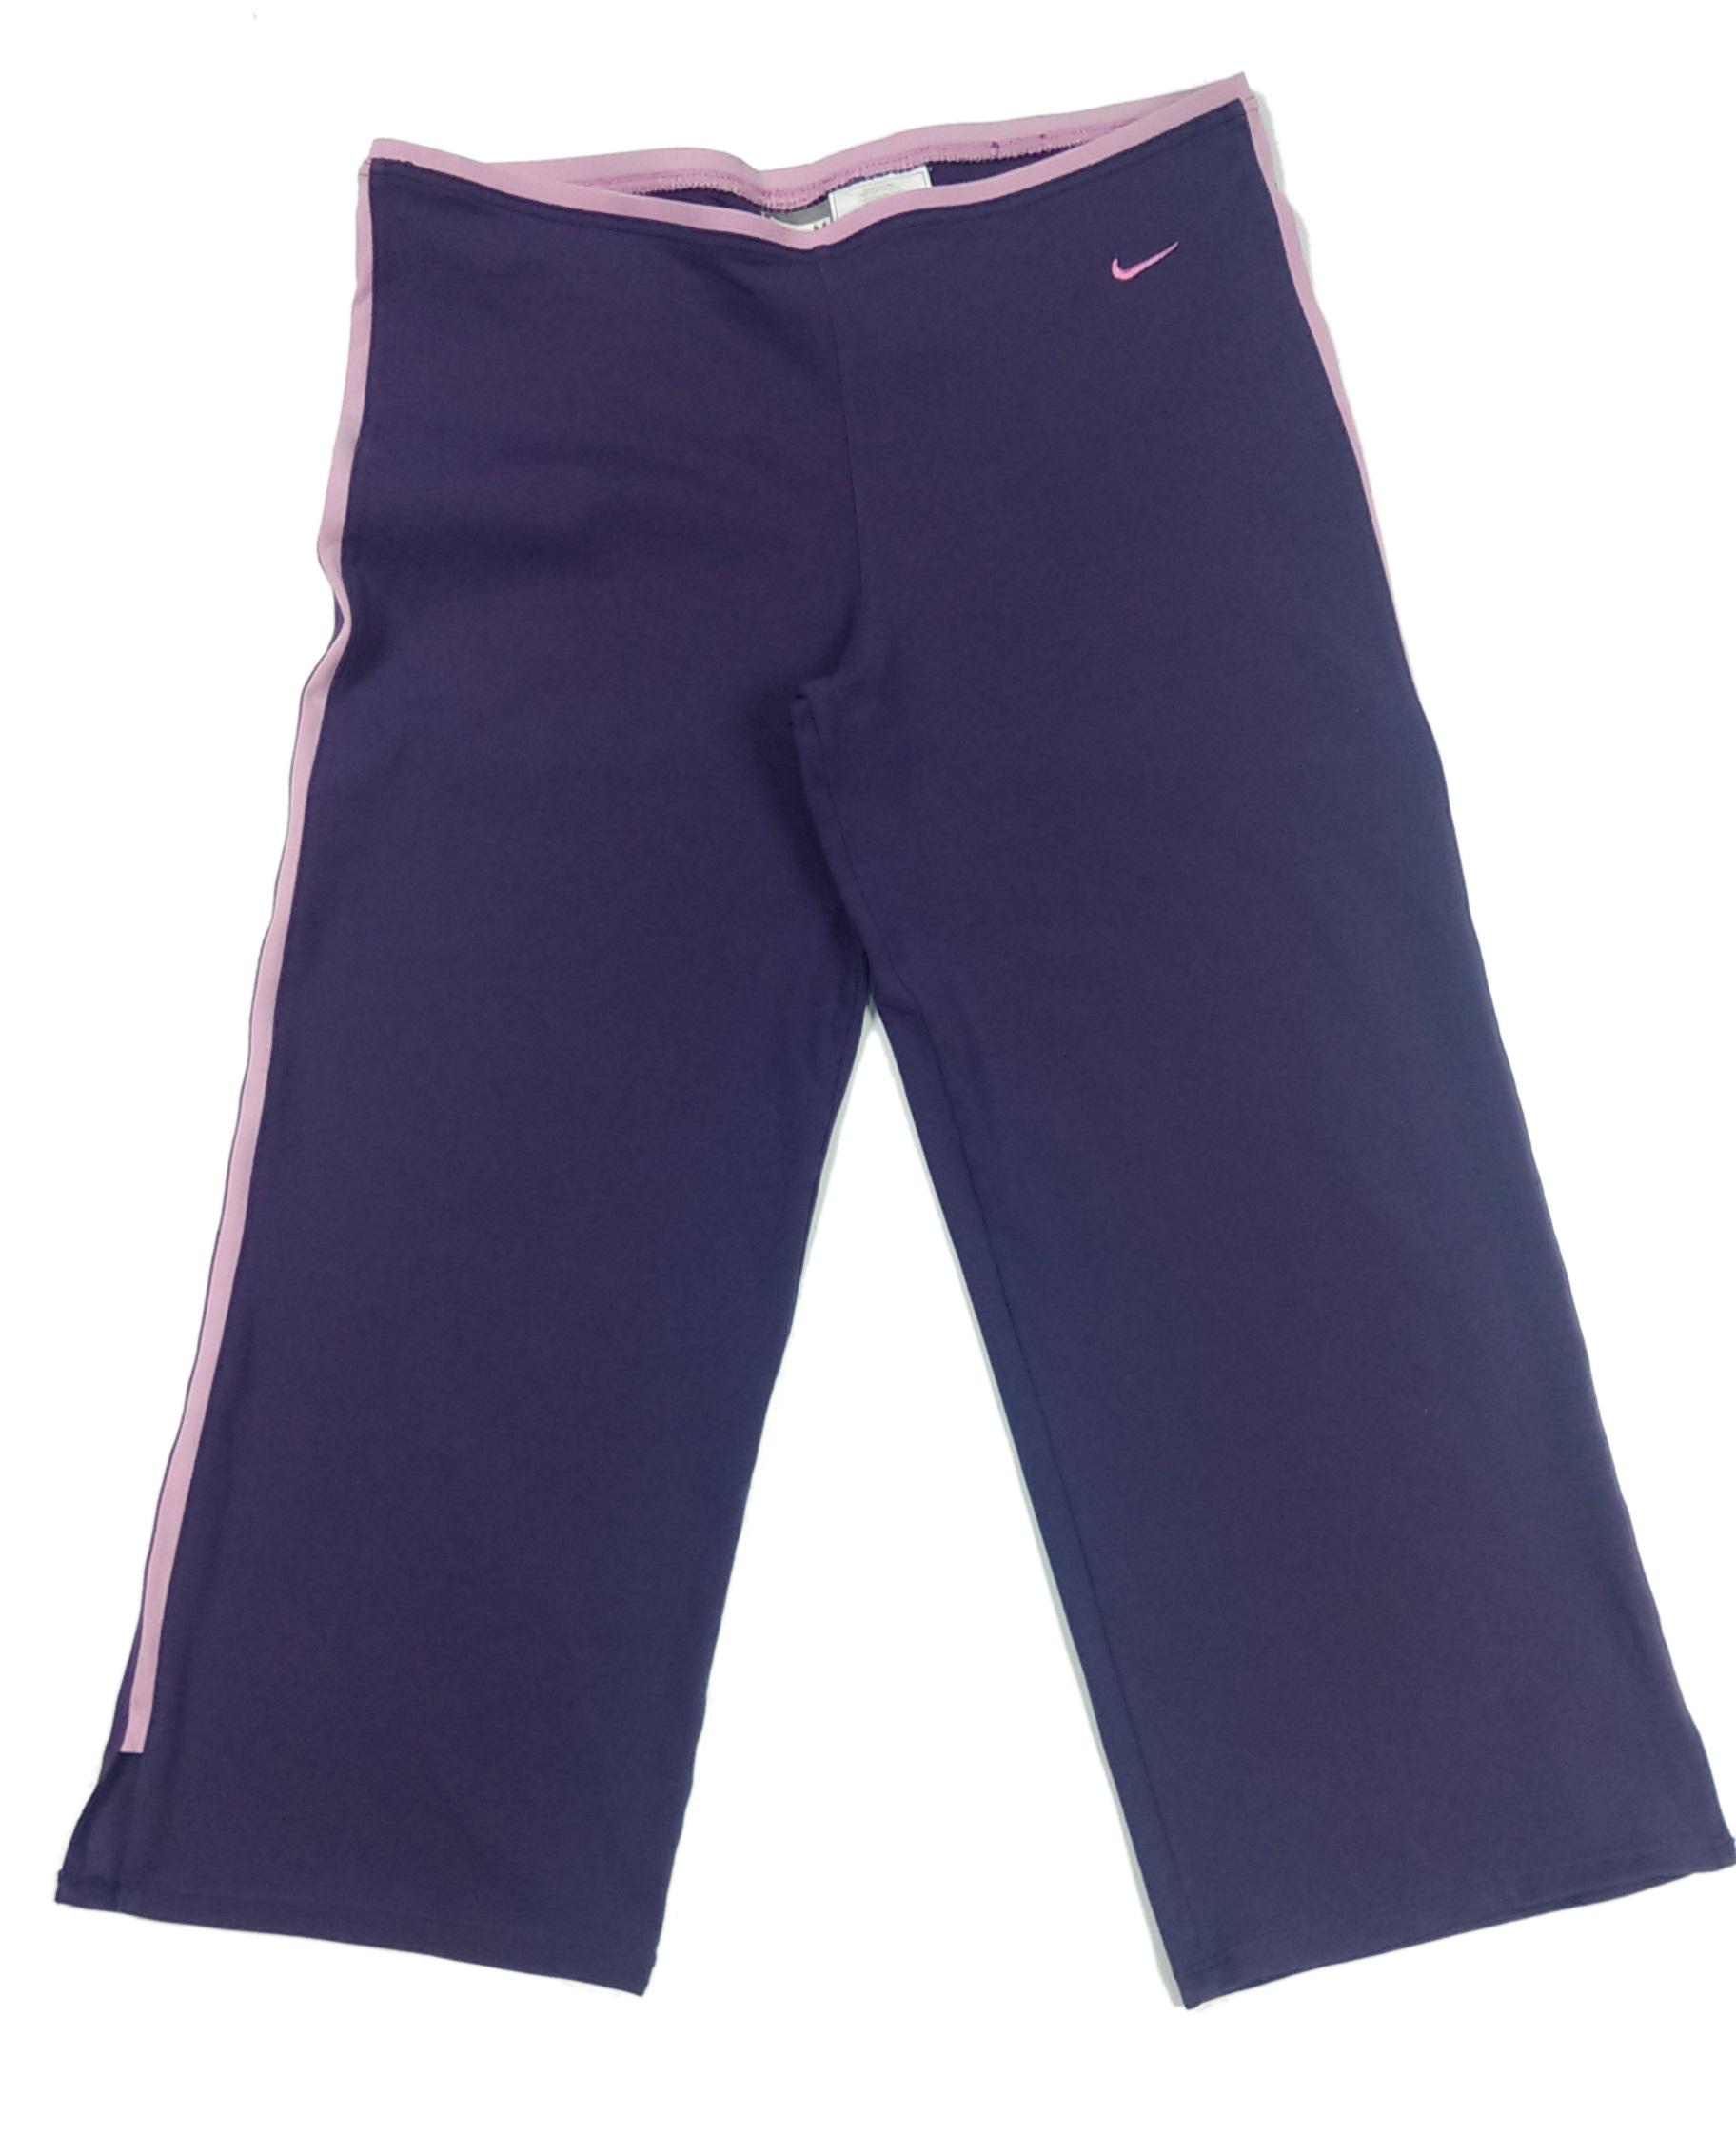 Nike spodnie dresowe krótkie fioletowe 38/40 M